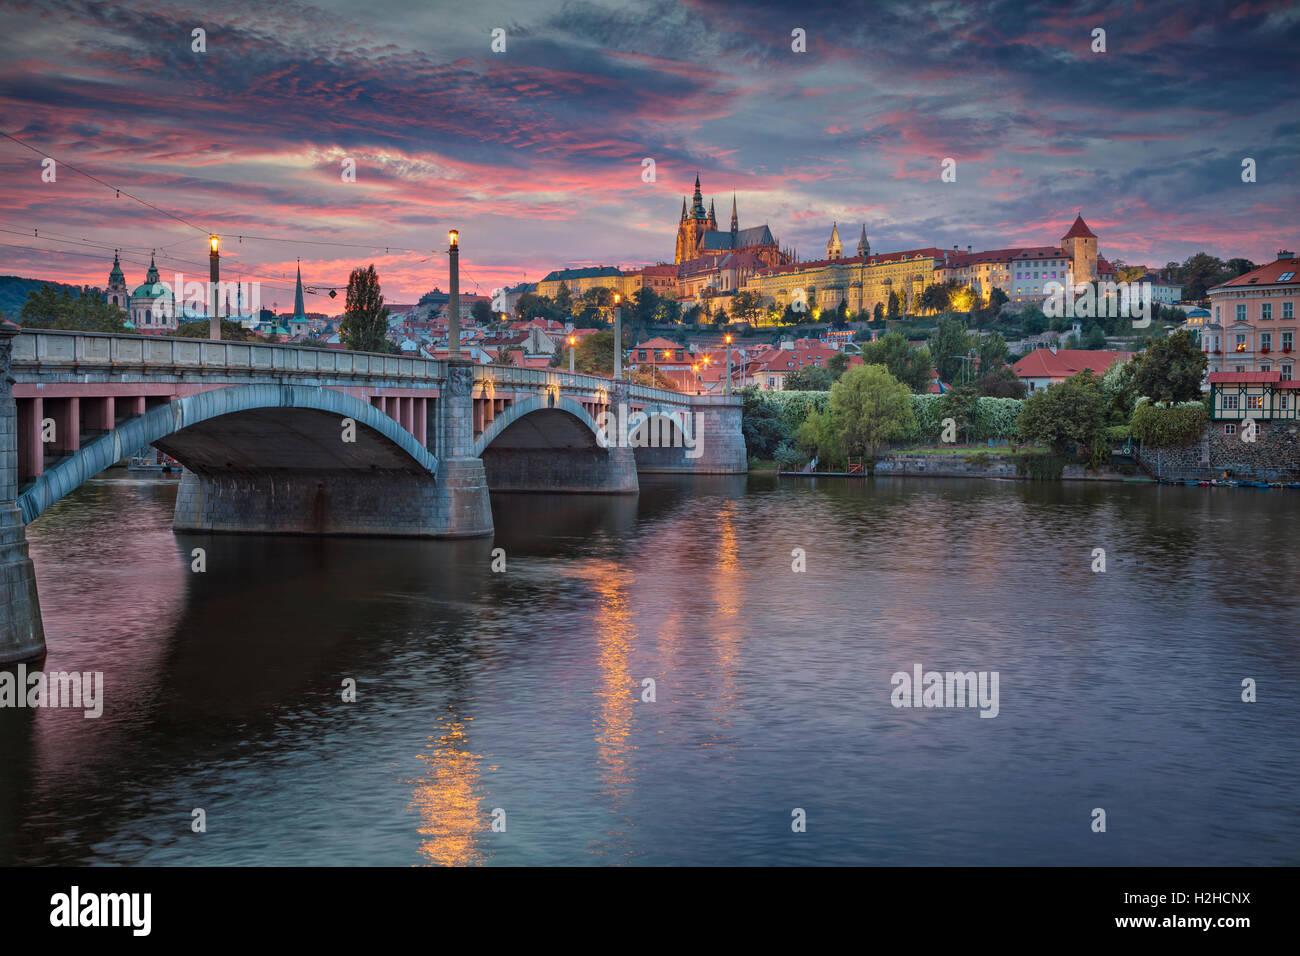 Prag bei Sonnenuntergang. Bild von Prag, der Hauptstadt Stadt der Tschechischen Republik und der Karlsbrücke, Stockbild